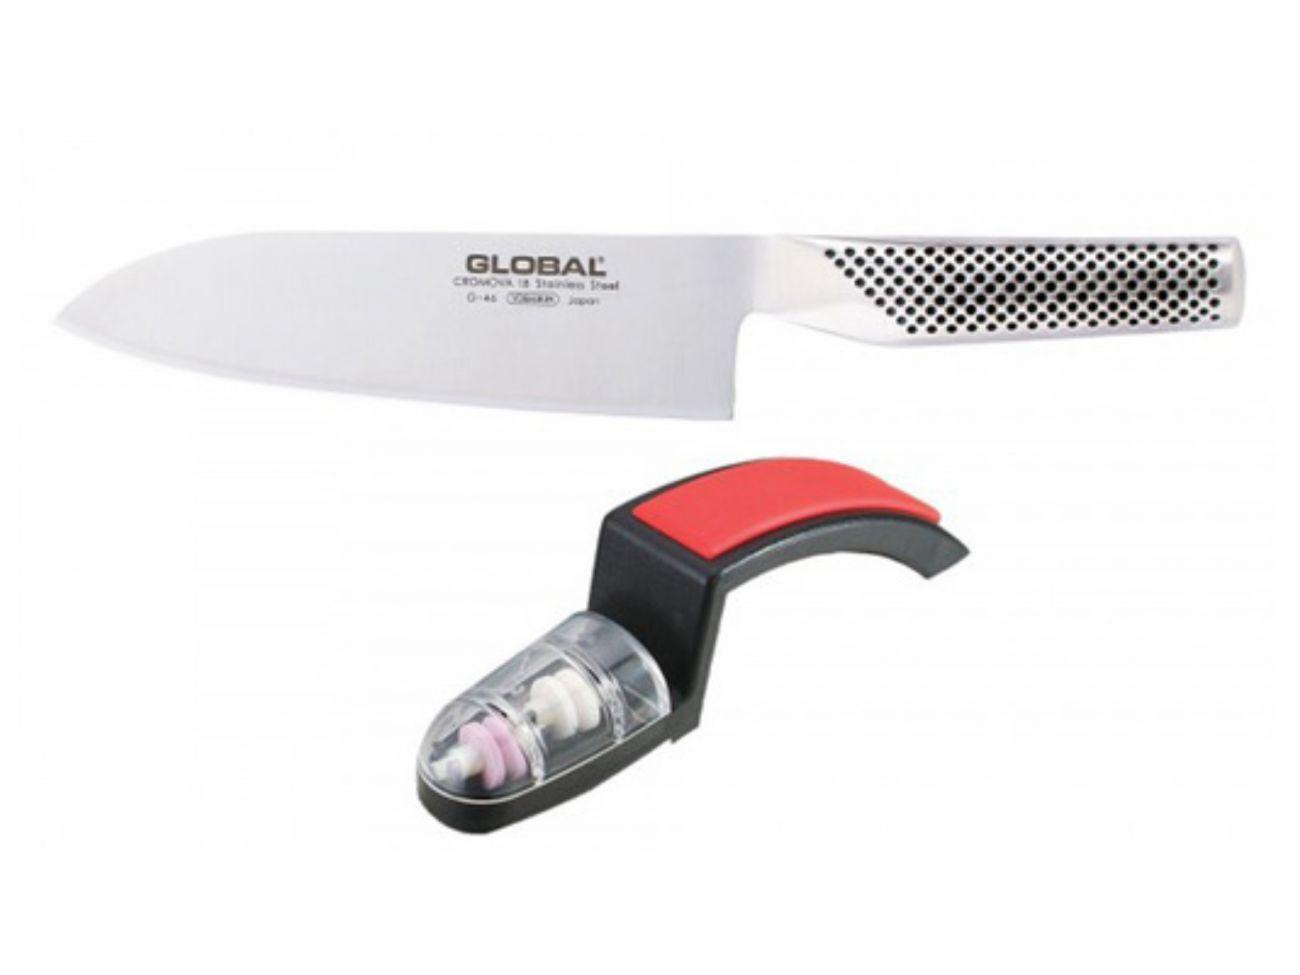 Global g-46220br Starterset couteau-Contour-Set g-46 Santoku Couteau et meuleuse